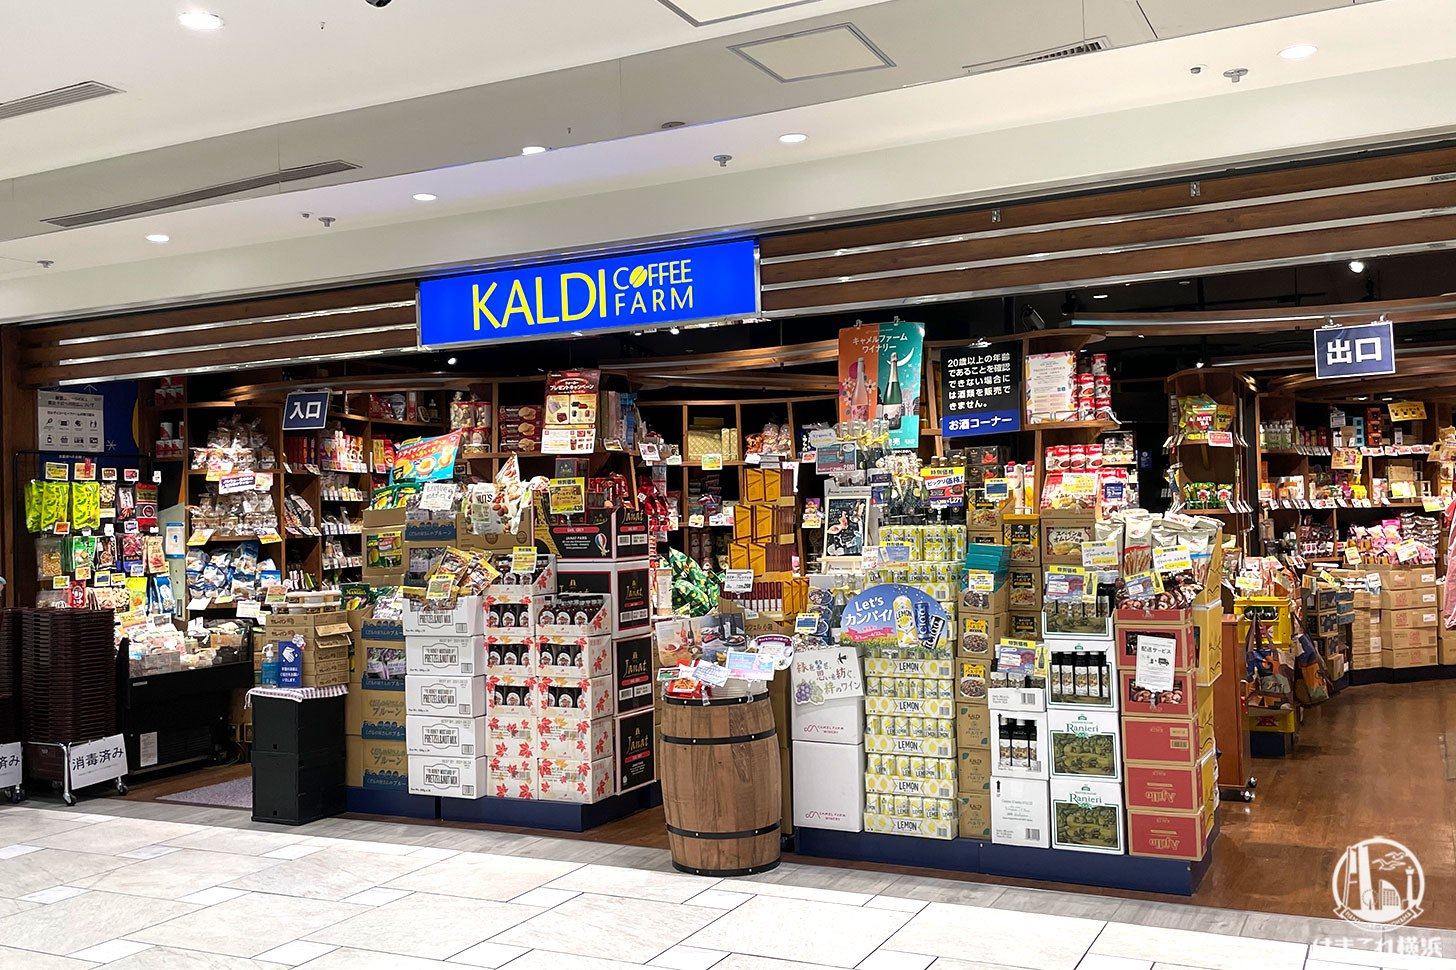 カルディコーヒーファーム ルミネ横浜店